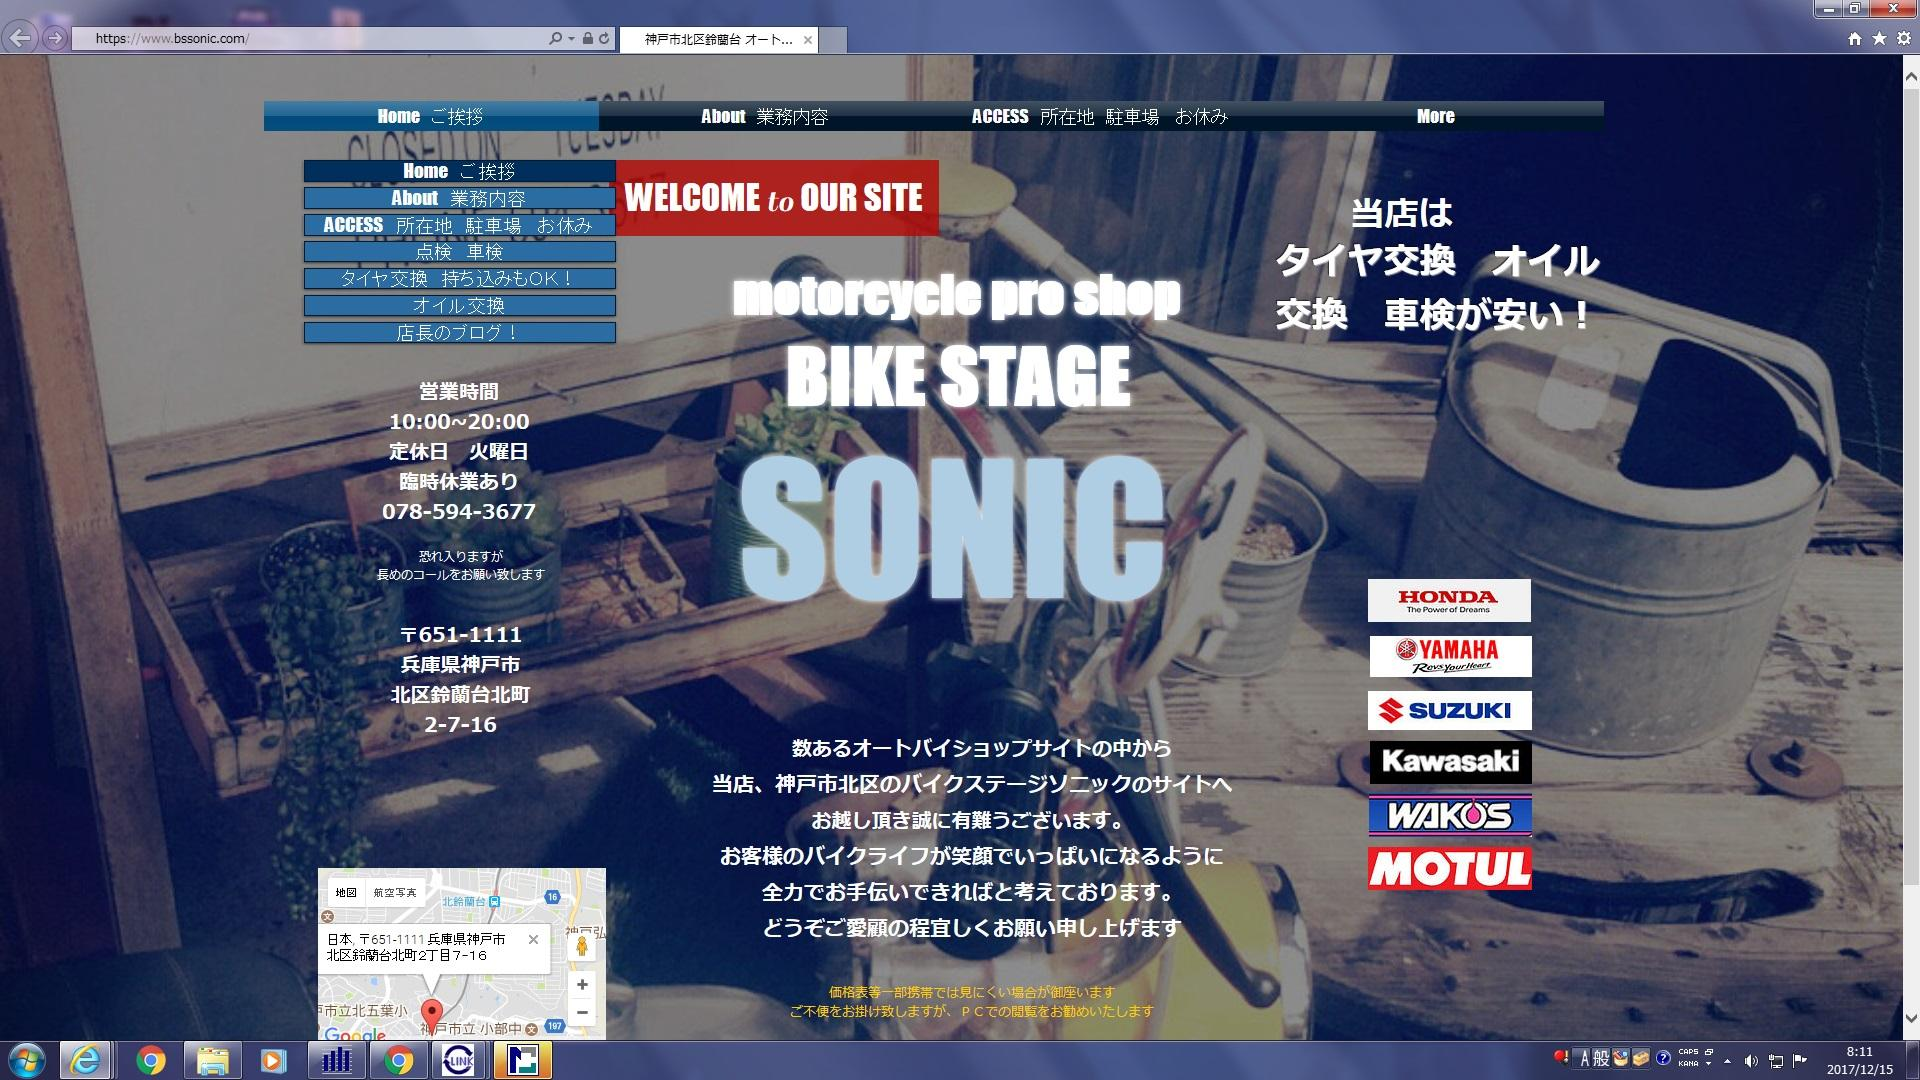 バイクステージ ソニック